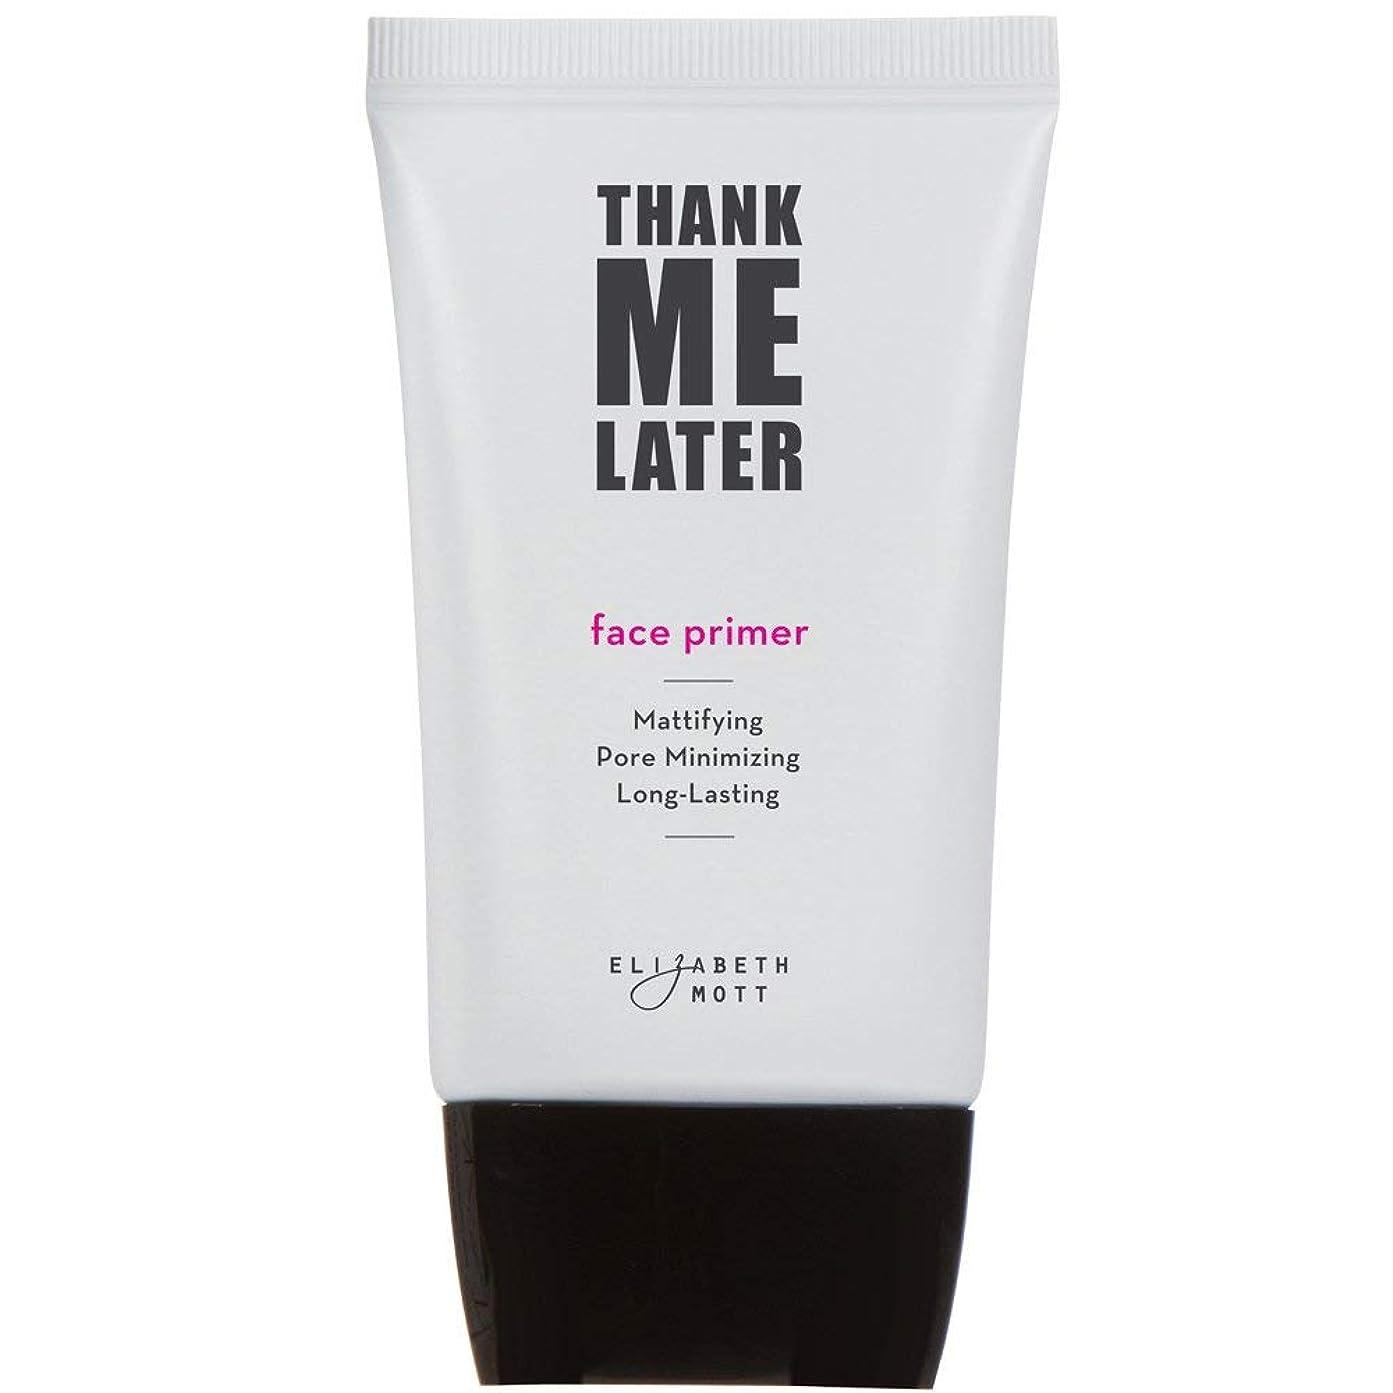 流用する学校の先生生き物Thank Me Later Primer. Paraben-free and Cruelty Free. … Face Primer (30G) フェイスプライマー(下地)